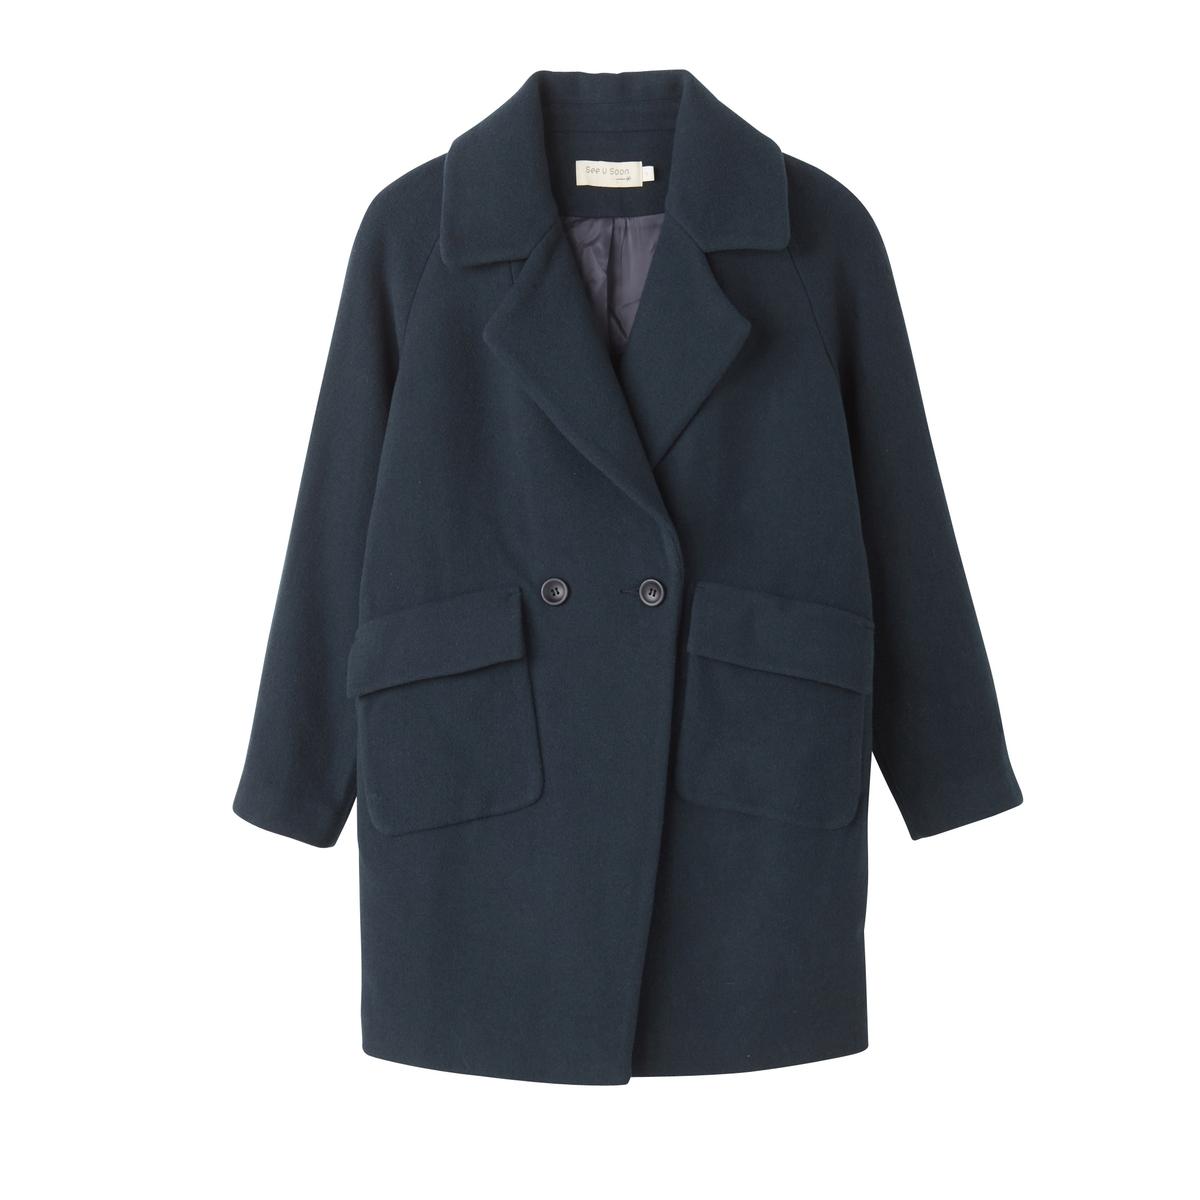 Пальто женское средней длины прямого покрояОписание:Пальто тщательно продуманного покроя из шерстяного драпа . Форма кэжуал и невероятно модный объемный покрой .Детали •  Длина : средняя •  Воротник-поло, рубашечный  • Застежка на пуговицыСостав и уход •  50% шерсти, 50% полиэстера •  Следуйте рекомендациям по уходу, указанным на этикетке изделия<br><br>Цвет: синий прусский<br>Размер: M